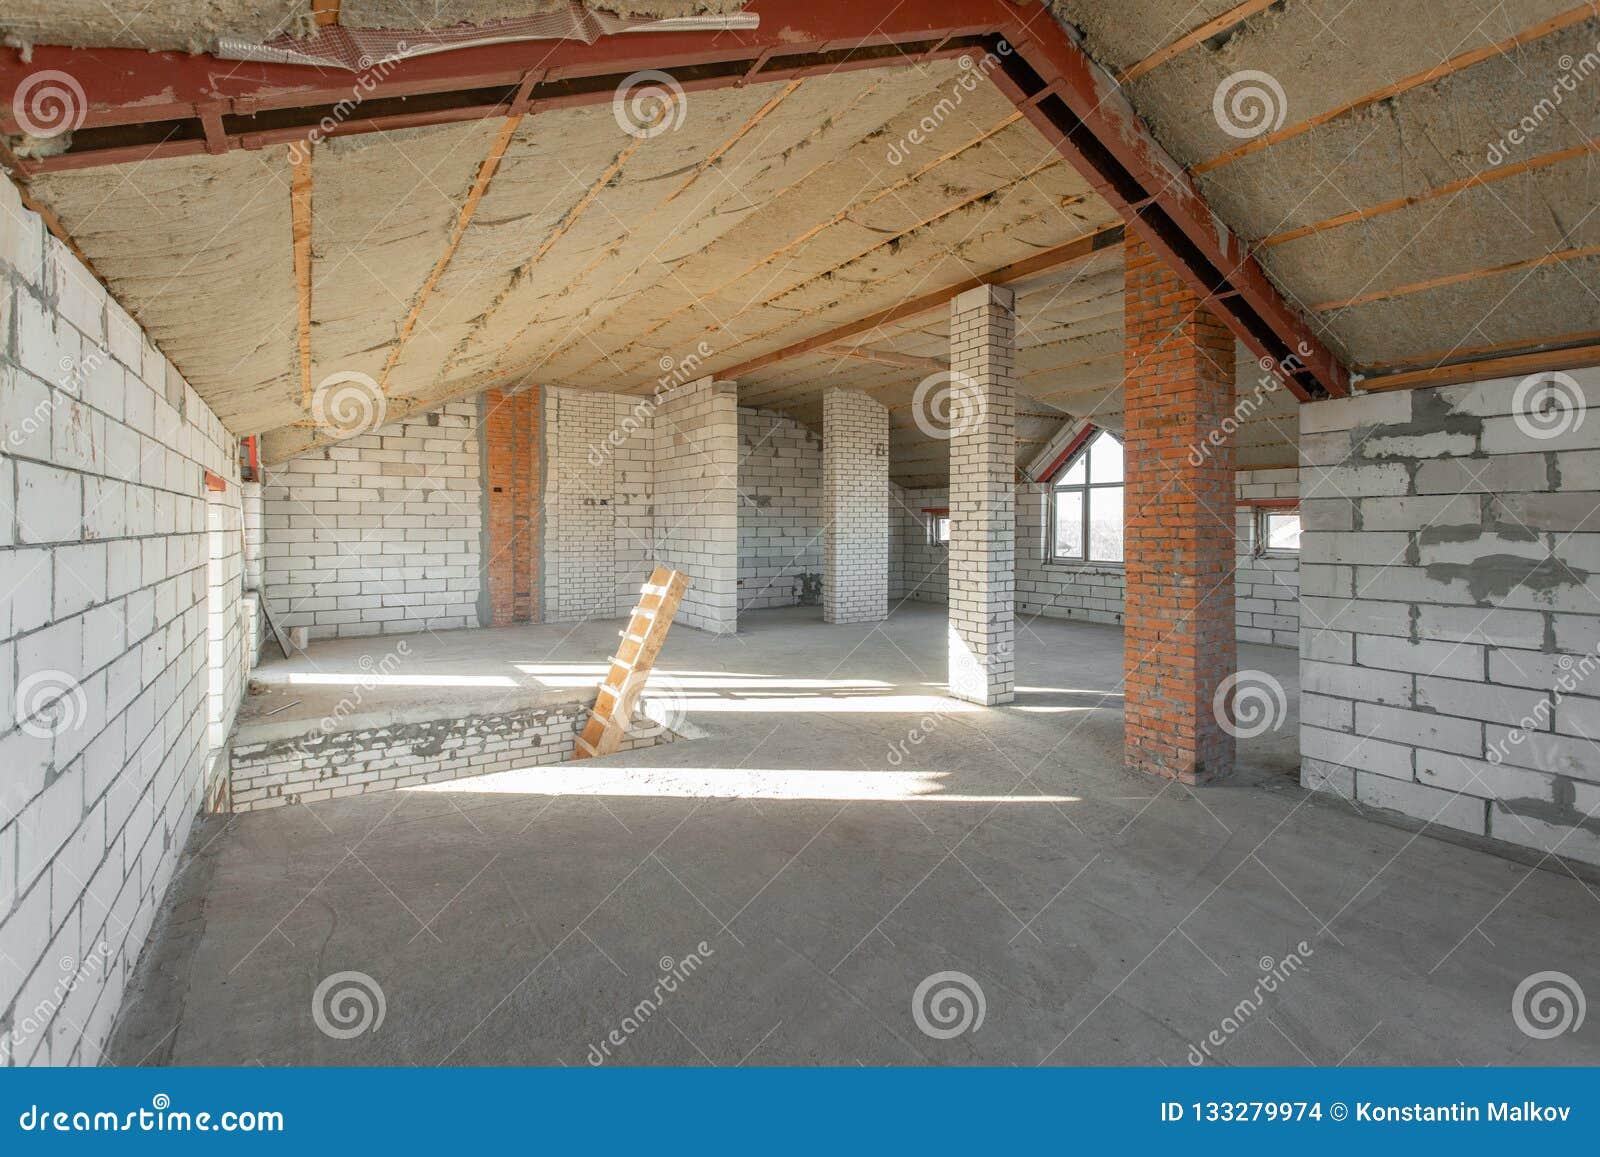 Assoalho do sótão da casa revisão e reconstrução Processo de trabalho de aquecimento dentro da peça do telhado casa ou